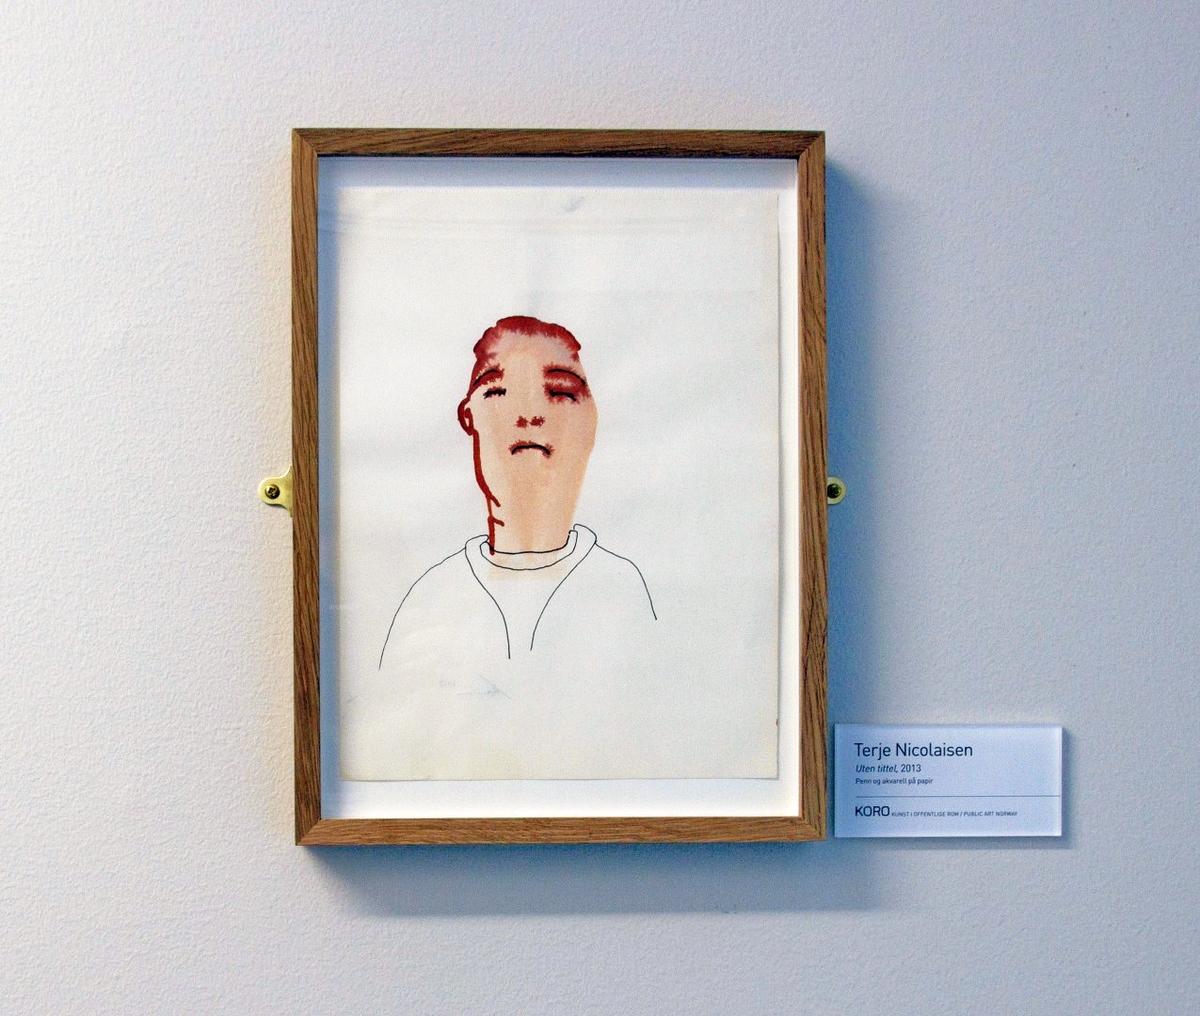 Terje Nicolaisen sine tegninger forteller ut i fra et gjerne klisjéfylt eller enkelt motiv historier på flere plan med sine karakteristiske blekktegninger.